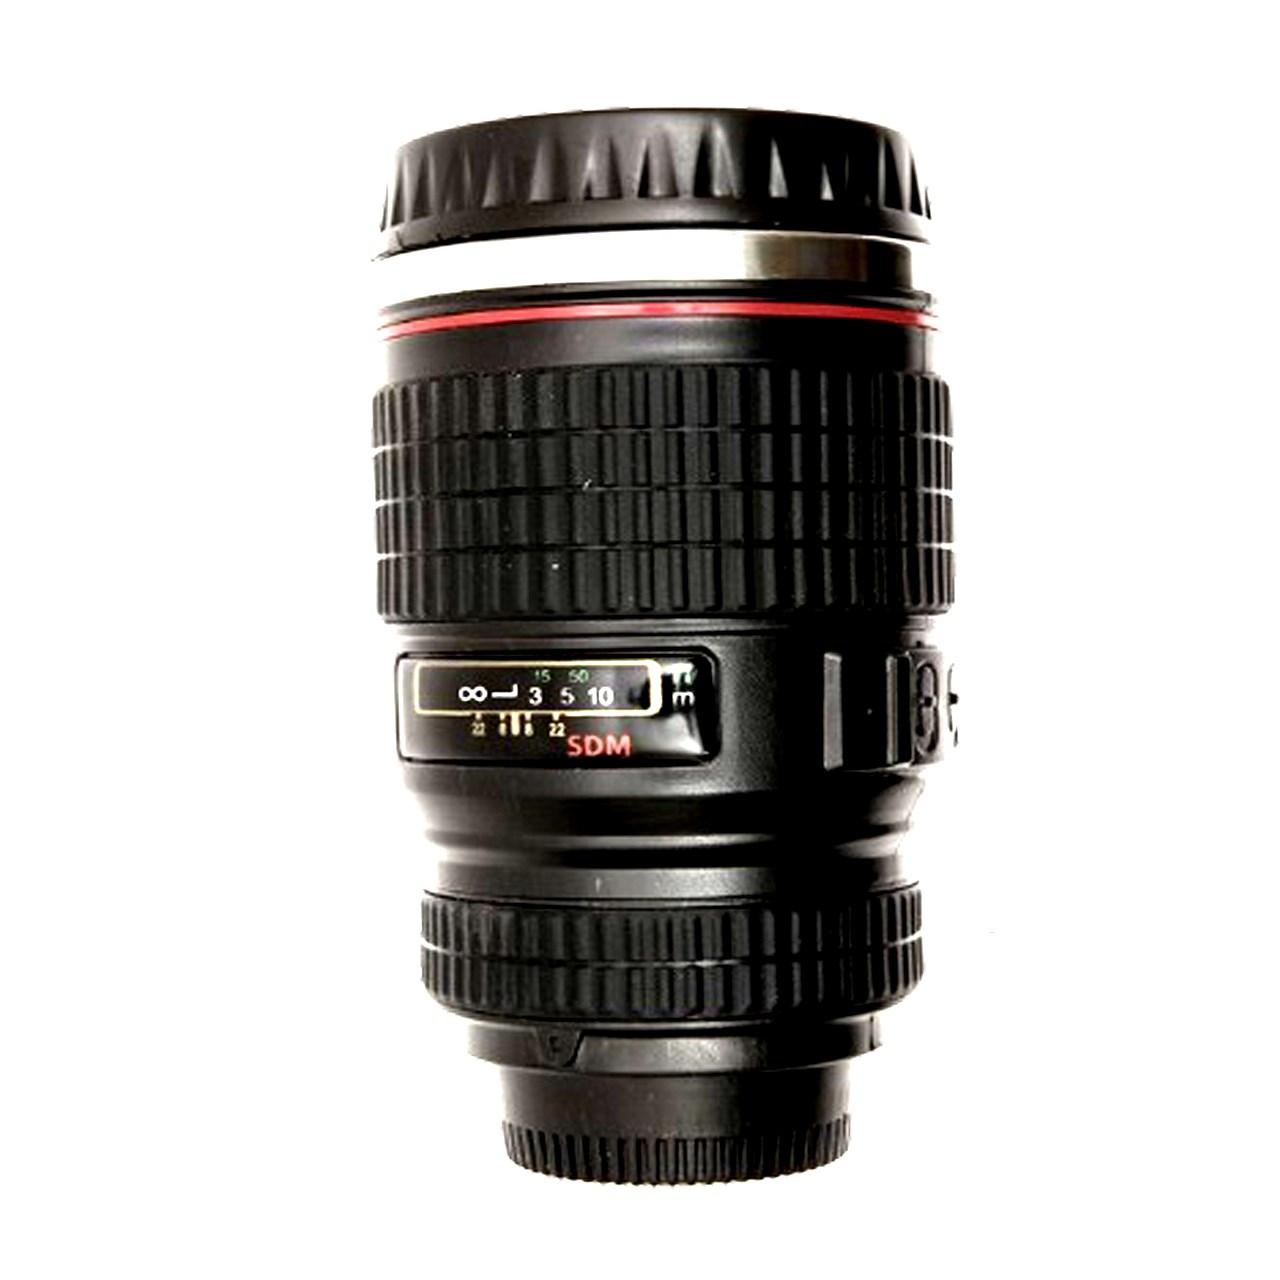 عکس ماگ طرح لنز دوربین